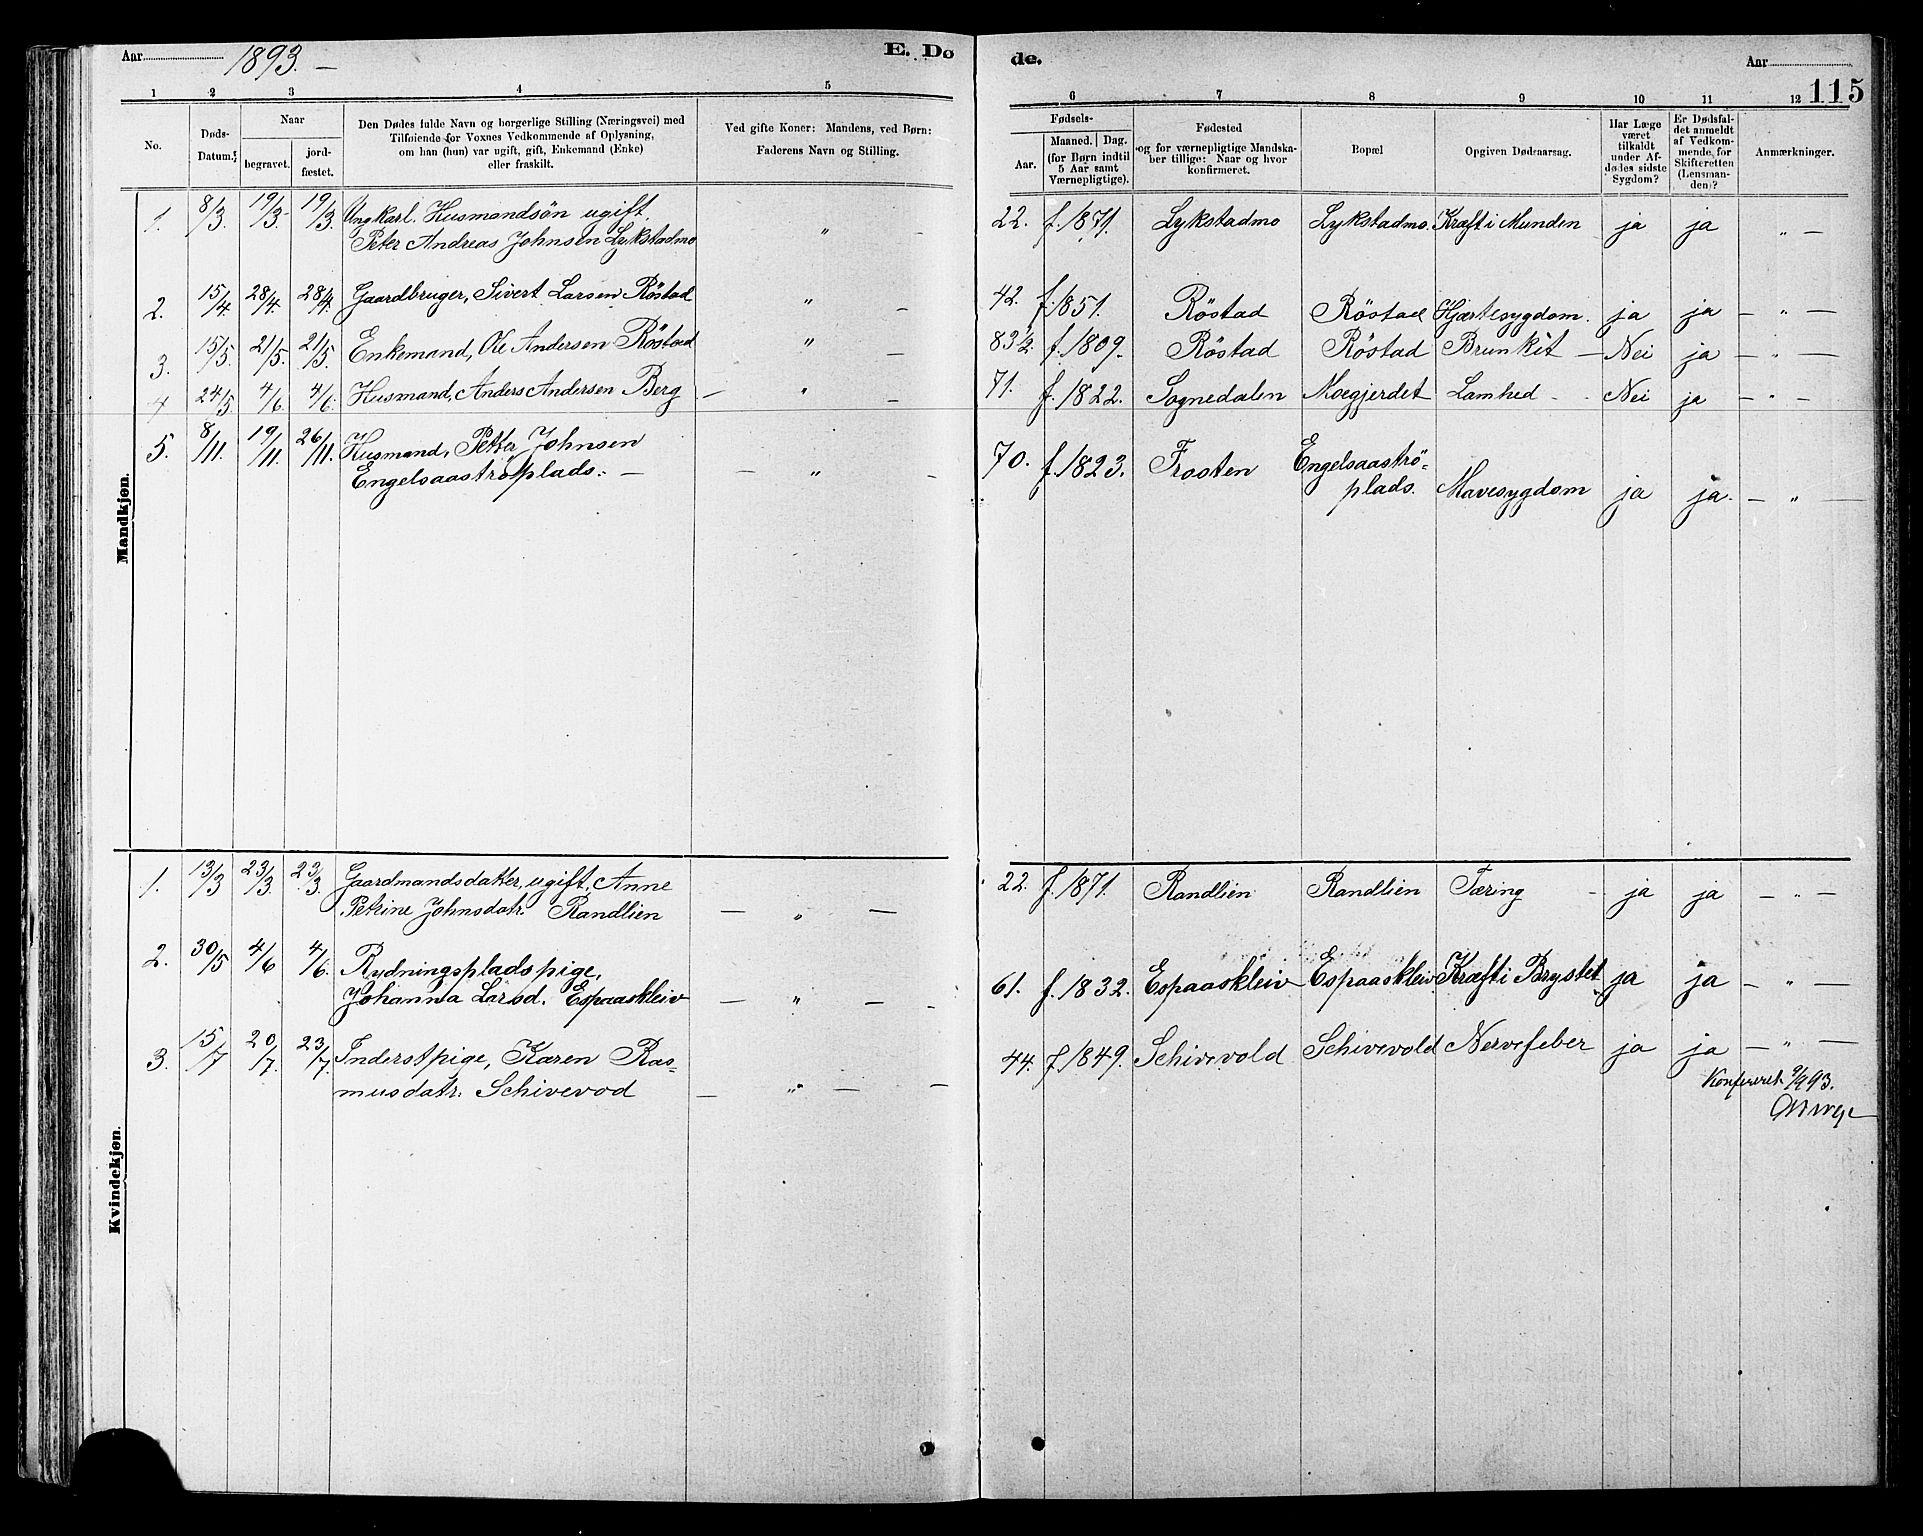 SAT, Ministerialprotokoller, klokkerbøker og fødselsregistre - Sør-Trøndelag, 608/L0341: Klokkerbok nr. 608C07, 1890-1912, s. 115